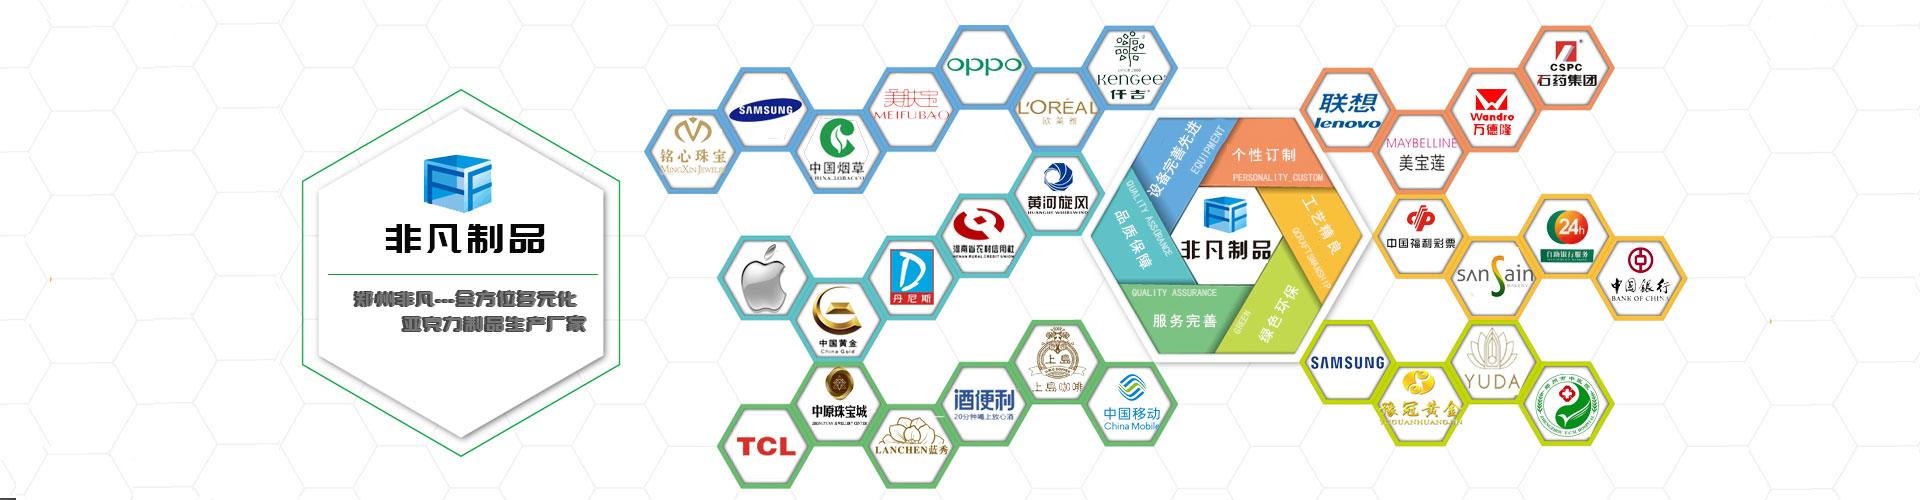 郑州非凡十年专注亚克力制品加工、亚克力展示架定制,先后服务于VIVO、三星、丹尼斯等知名品牌企业!